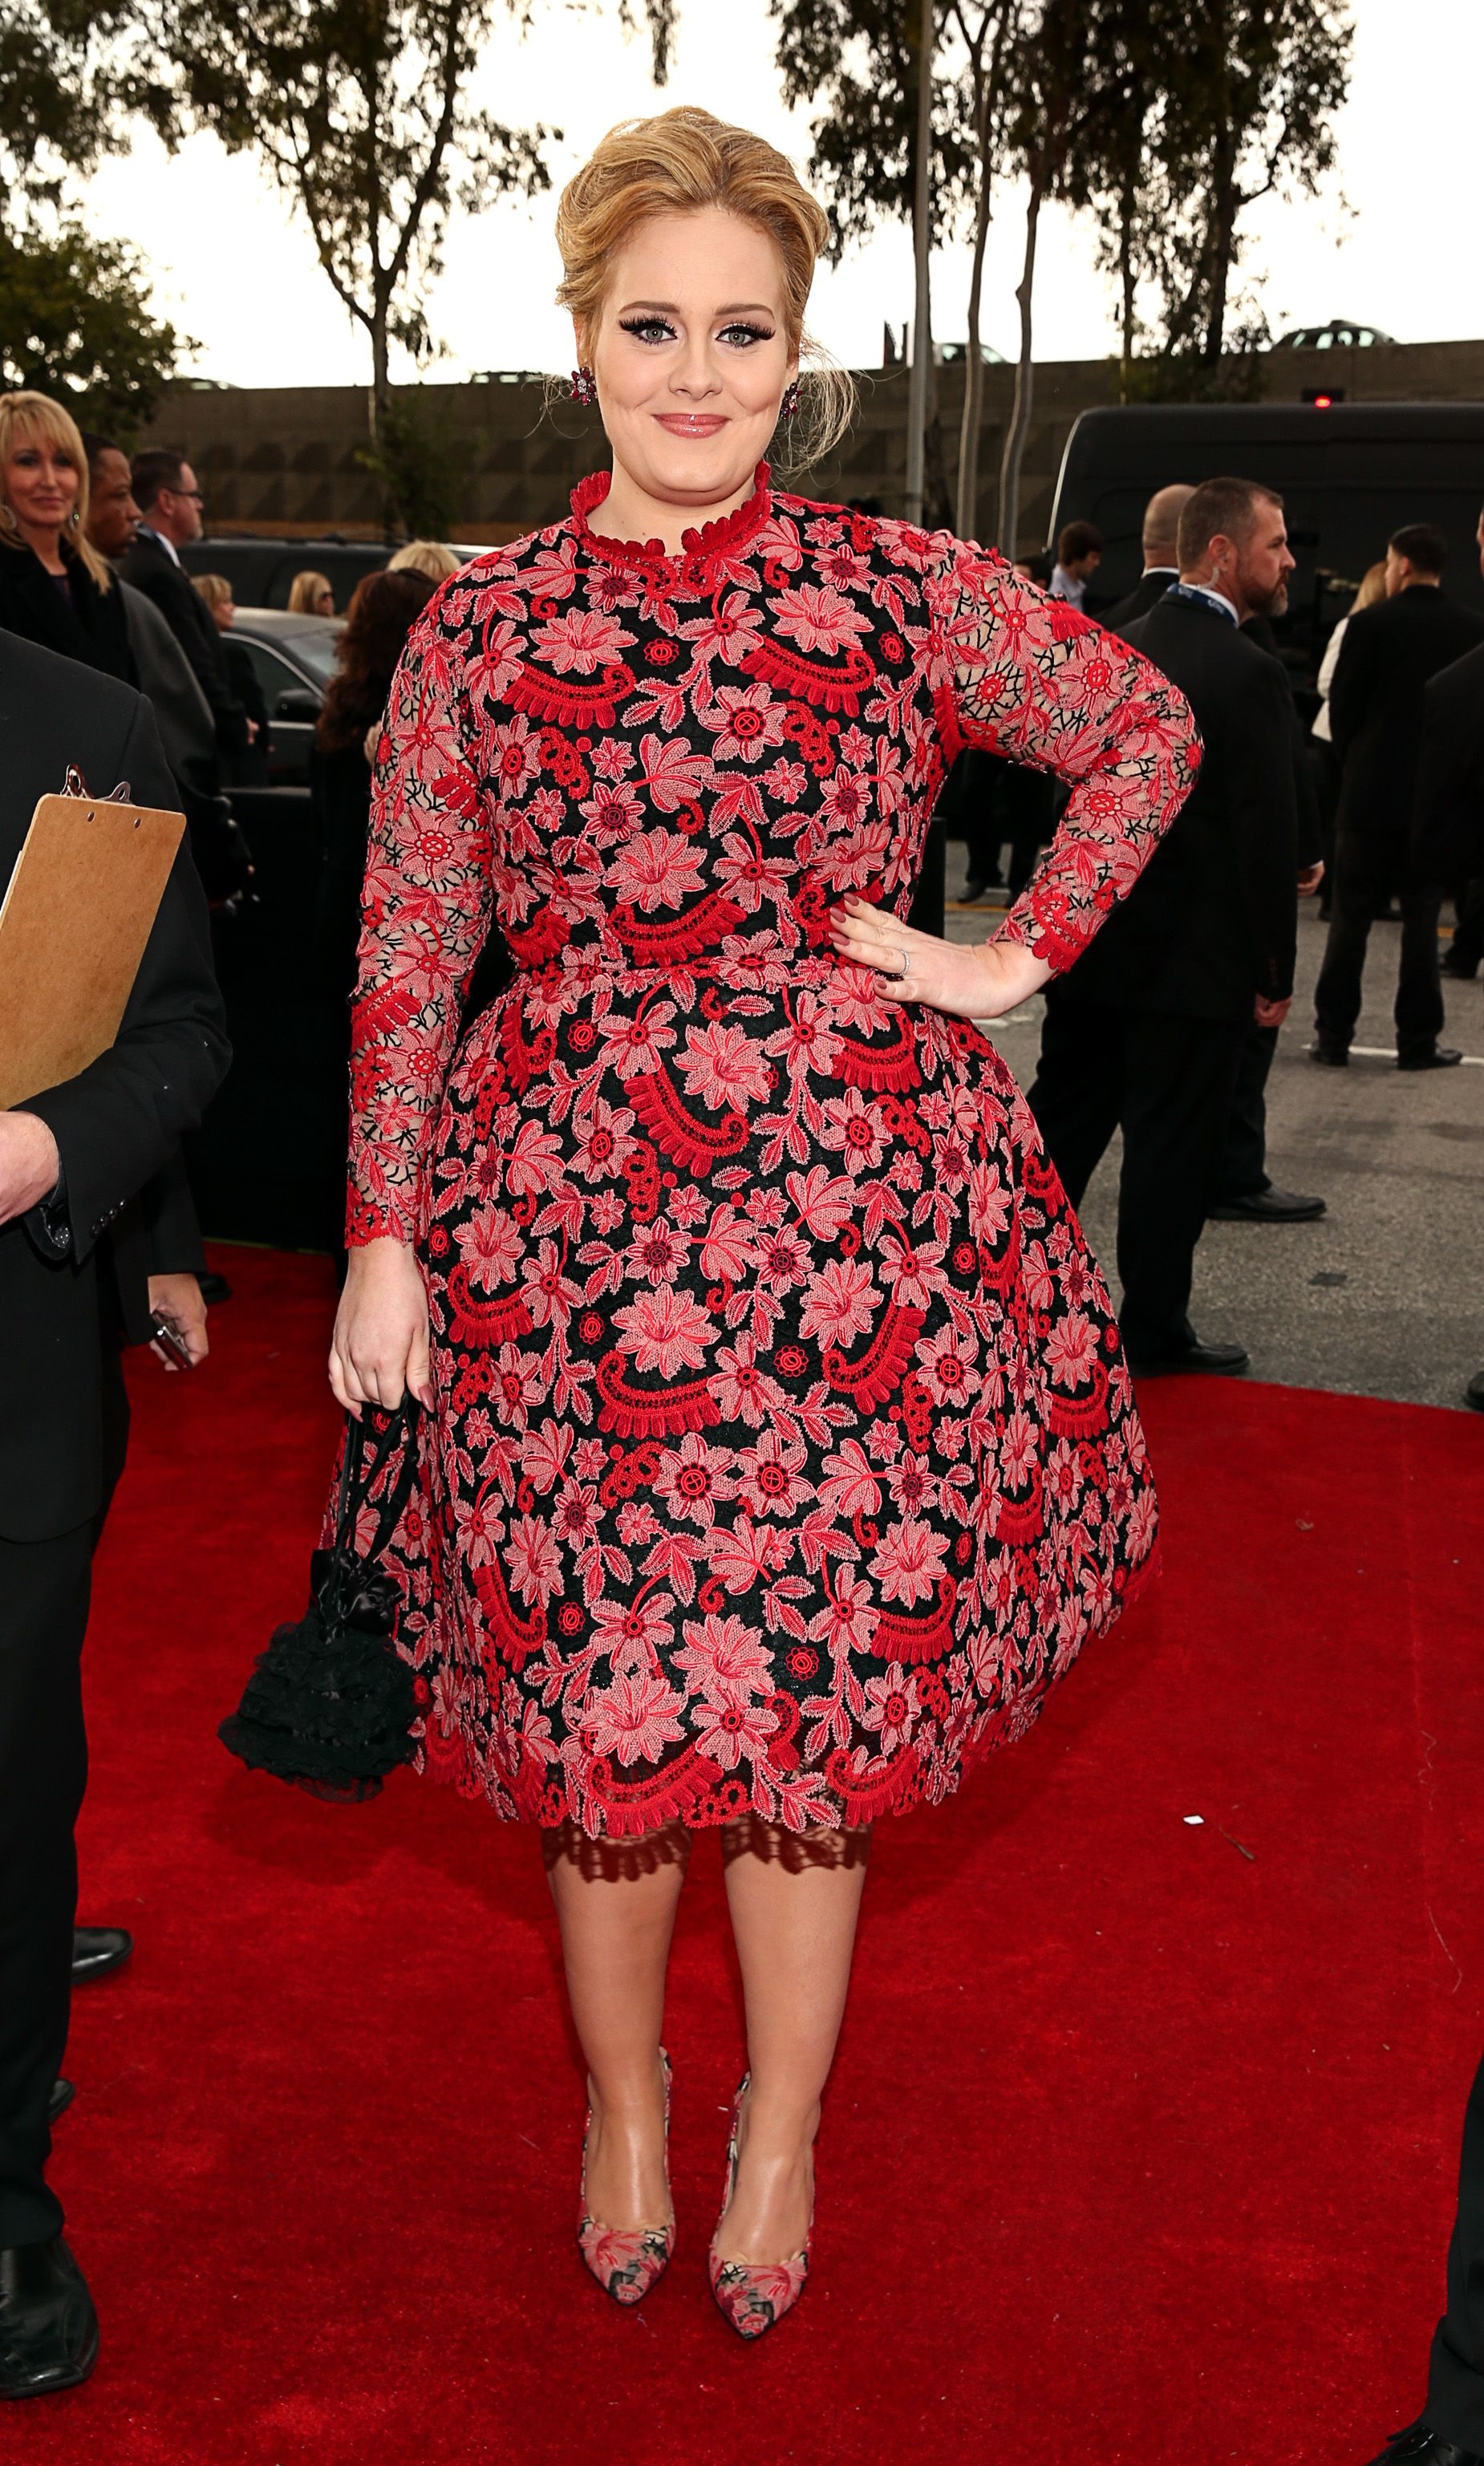 Thời trang thảm đỏ Grammy Adele